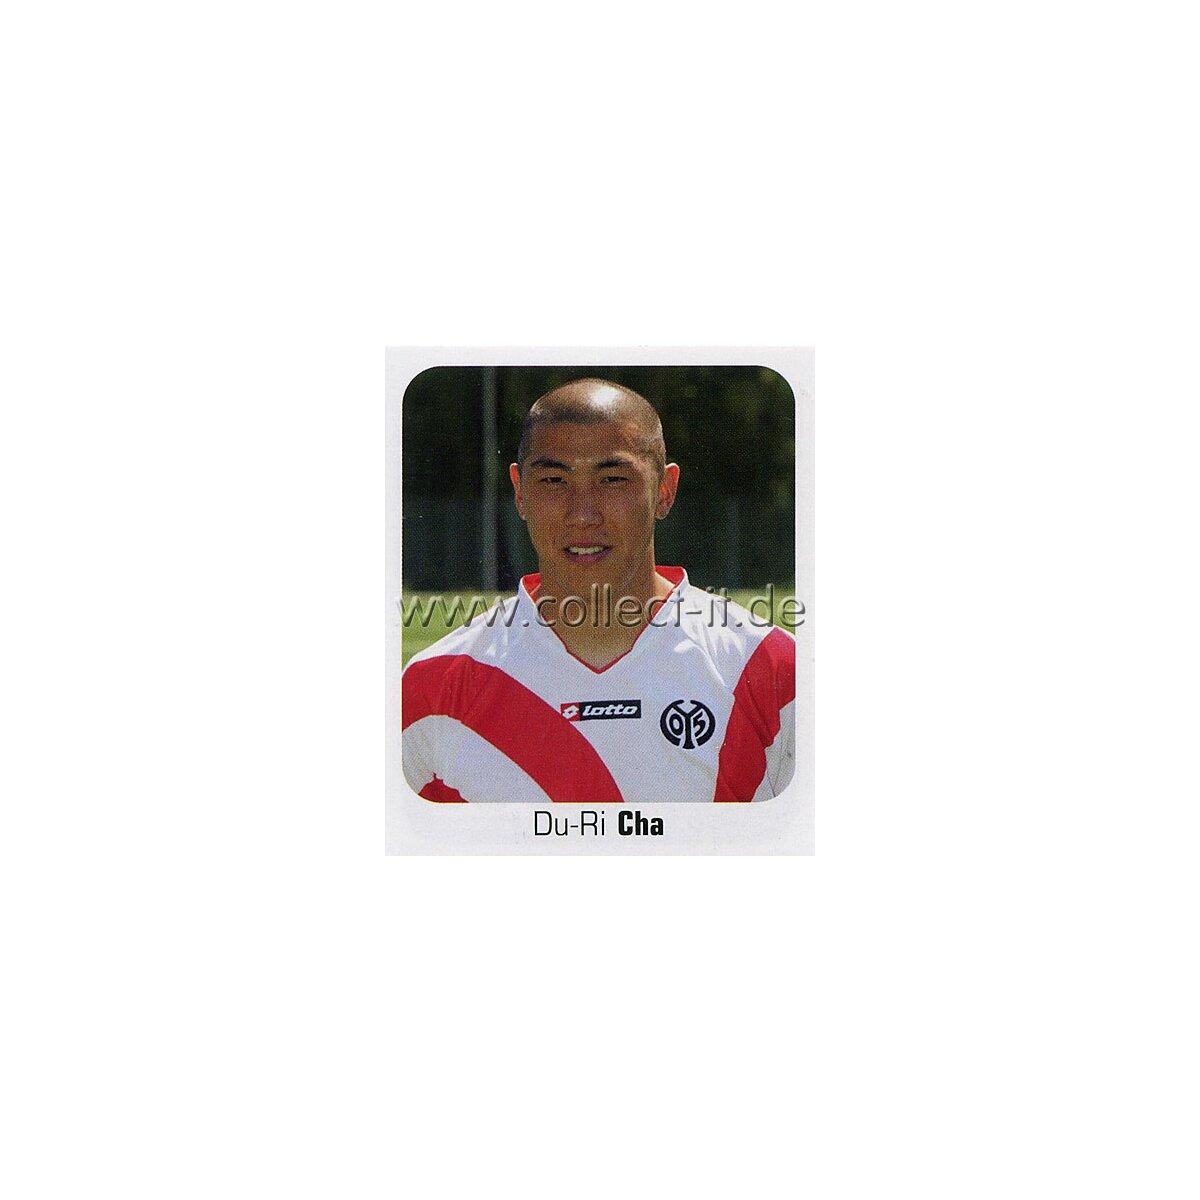 Panini 312 BL Fussball 2006//07 Du-Ri Cha FSV Mainz 05